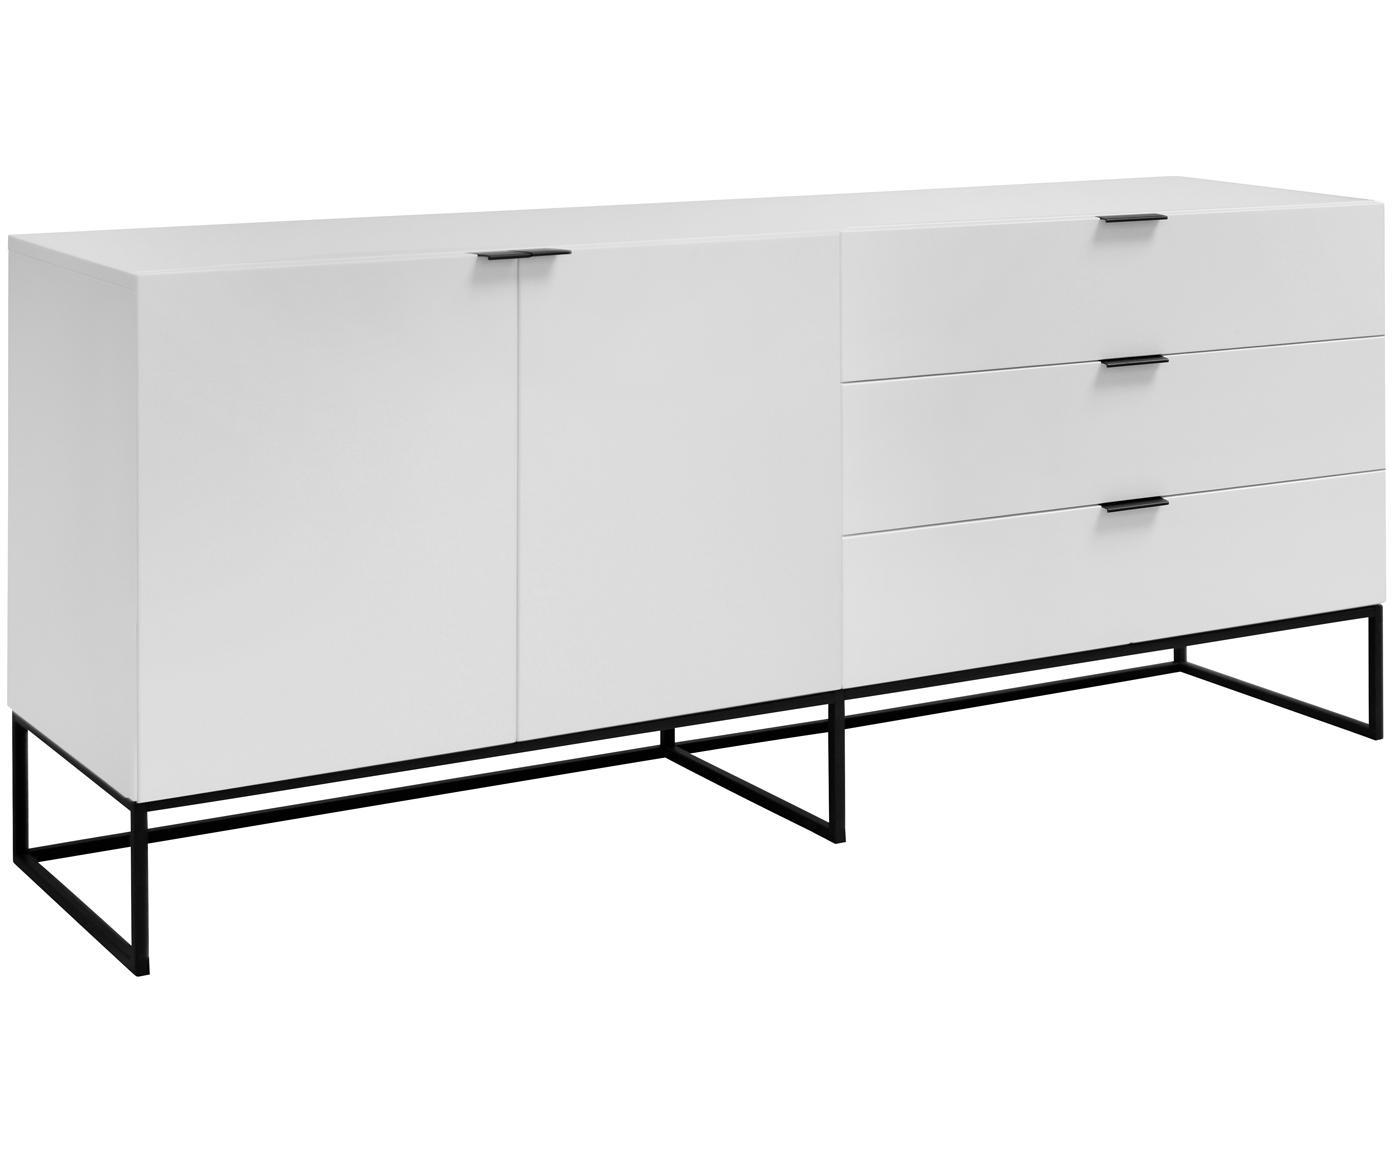 Cassettiera bianca Kobe, Corpo e fronti: bianco, semi-opaco Piedini e manici: nero, Larg. 180 x Alt. 80 cm